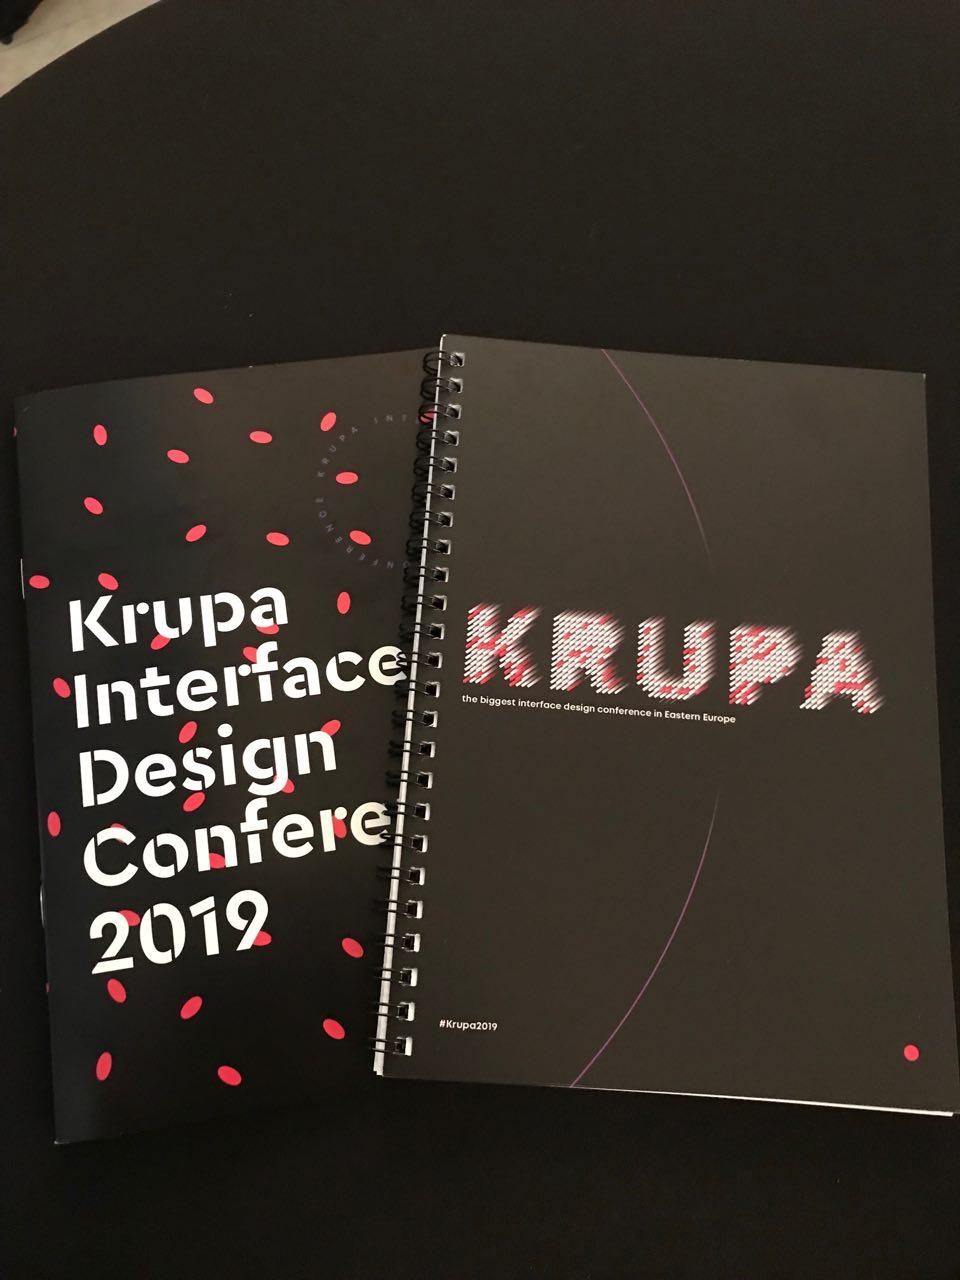 Krupa 2019 UI/UX Design Conference Retrospect - image6